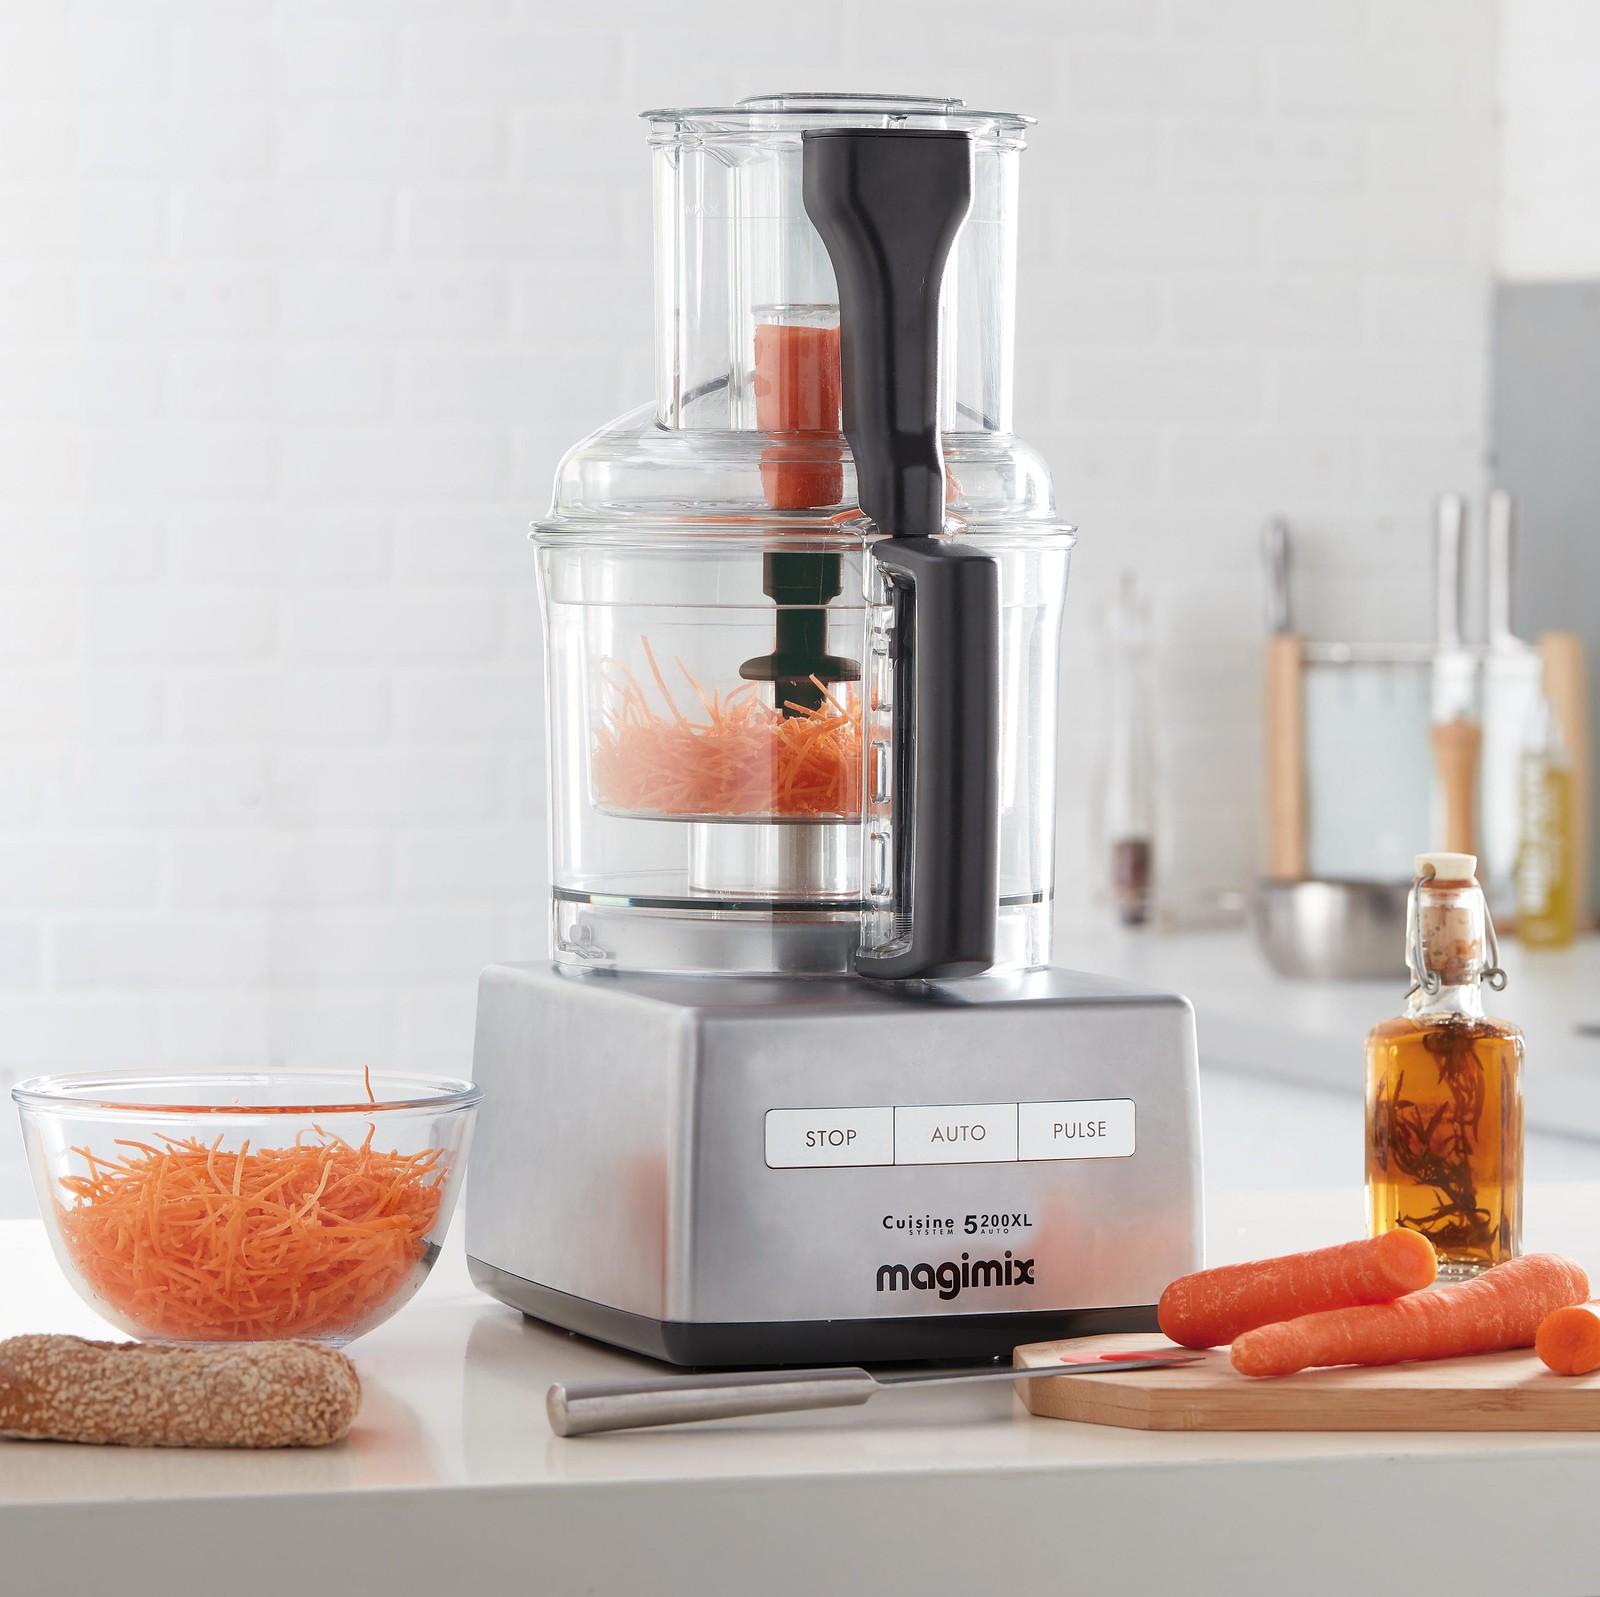 【magimix】可在3秒切小黃瓜片、15秒完成600g絞肉、30秒切大量蔬菜